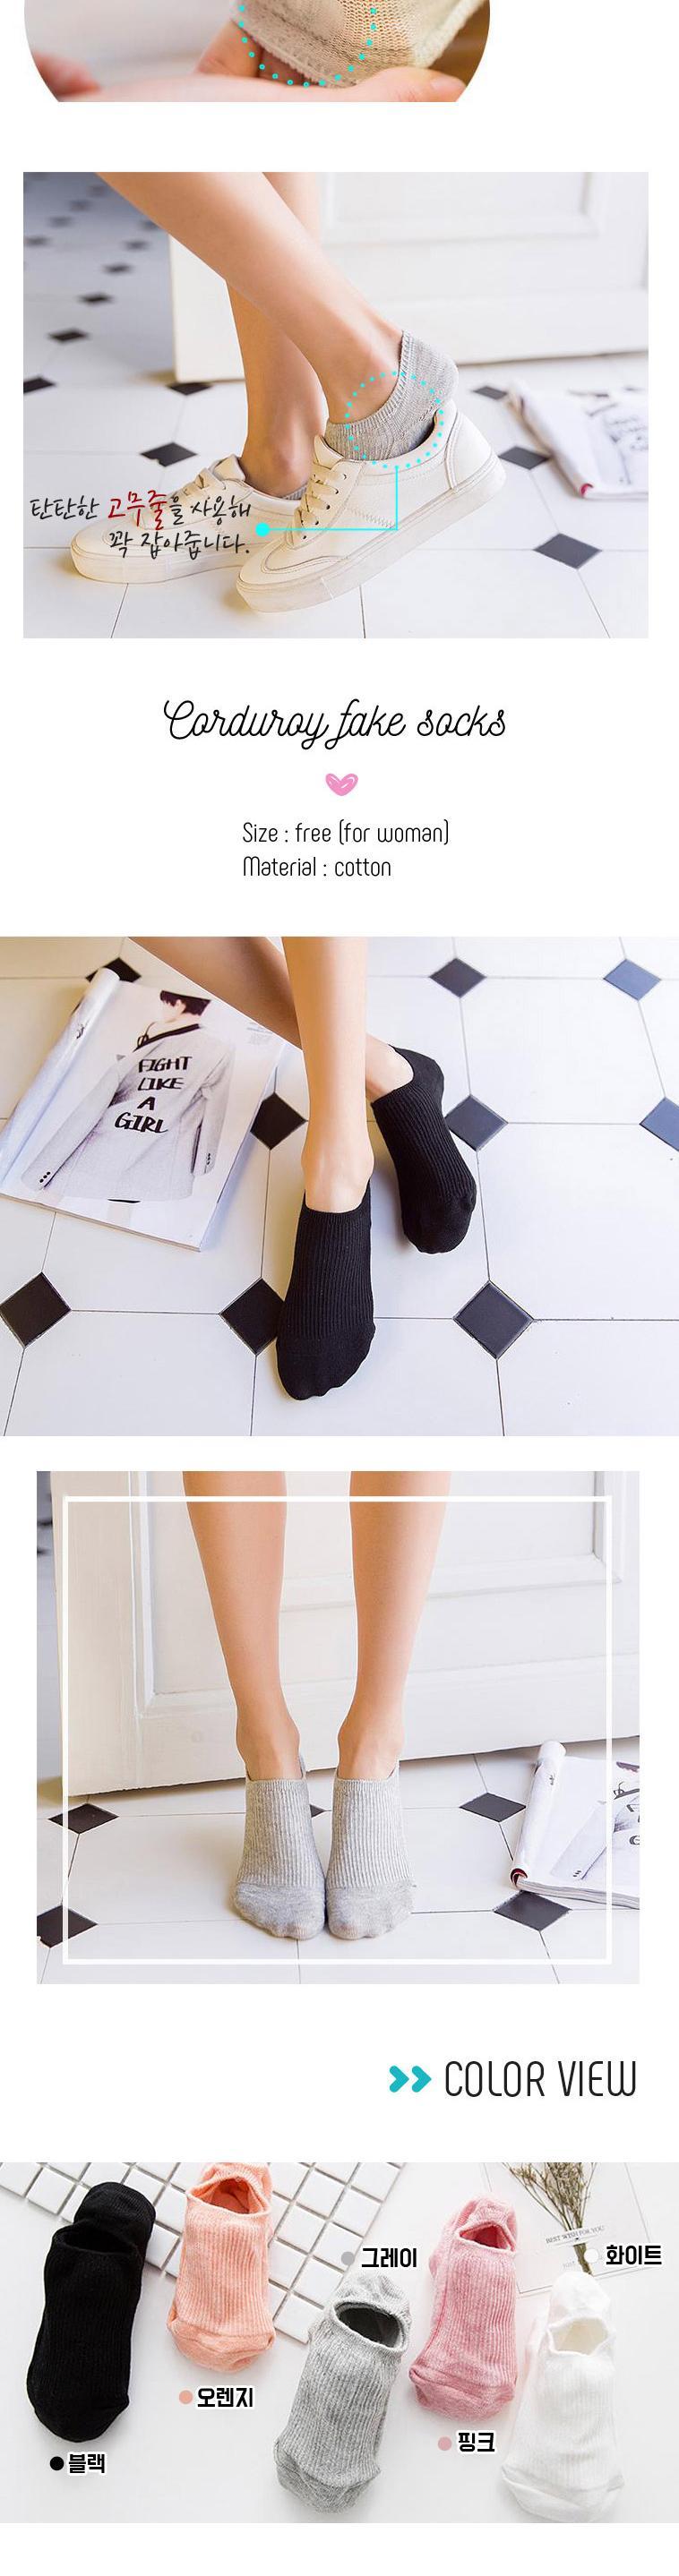 여성용 골지 실리콘 페이크삭스 10켤레 여성여름양말  여성여름양말 덧양말 패션덧신 덧신양말 실리콘덧신